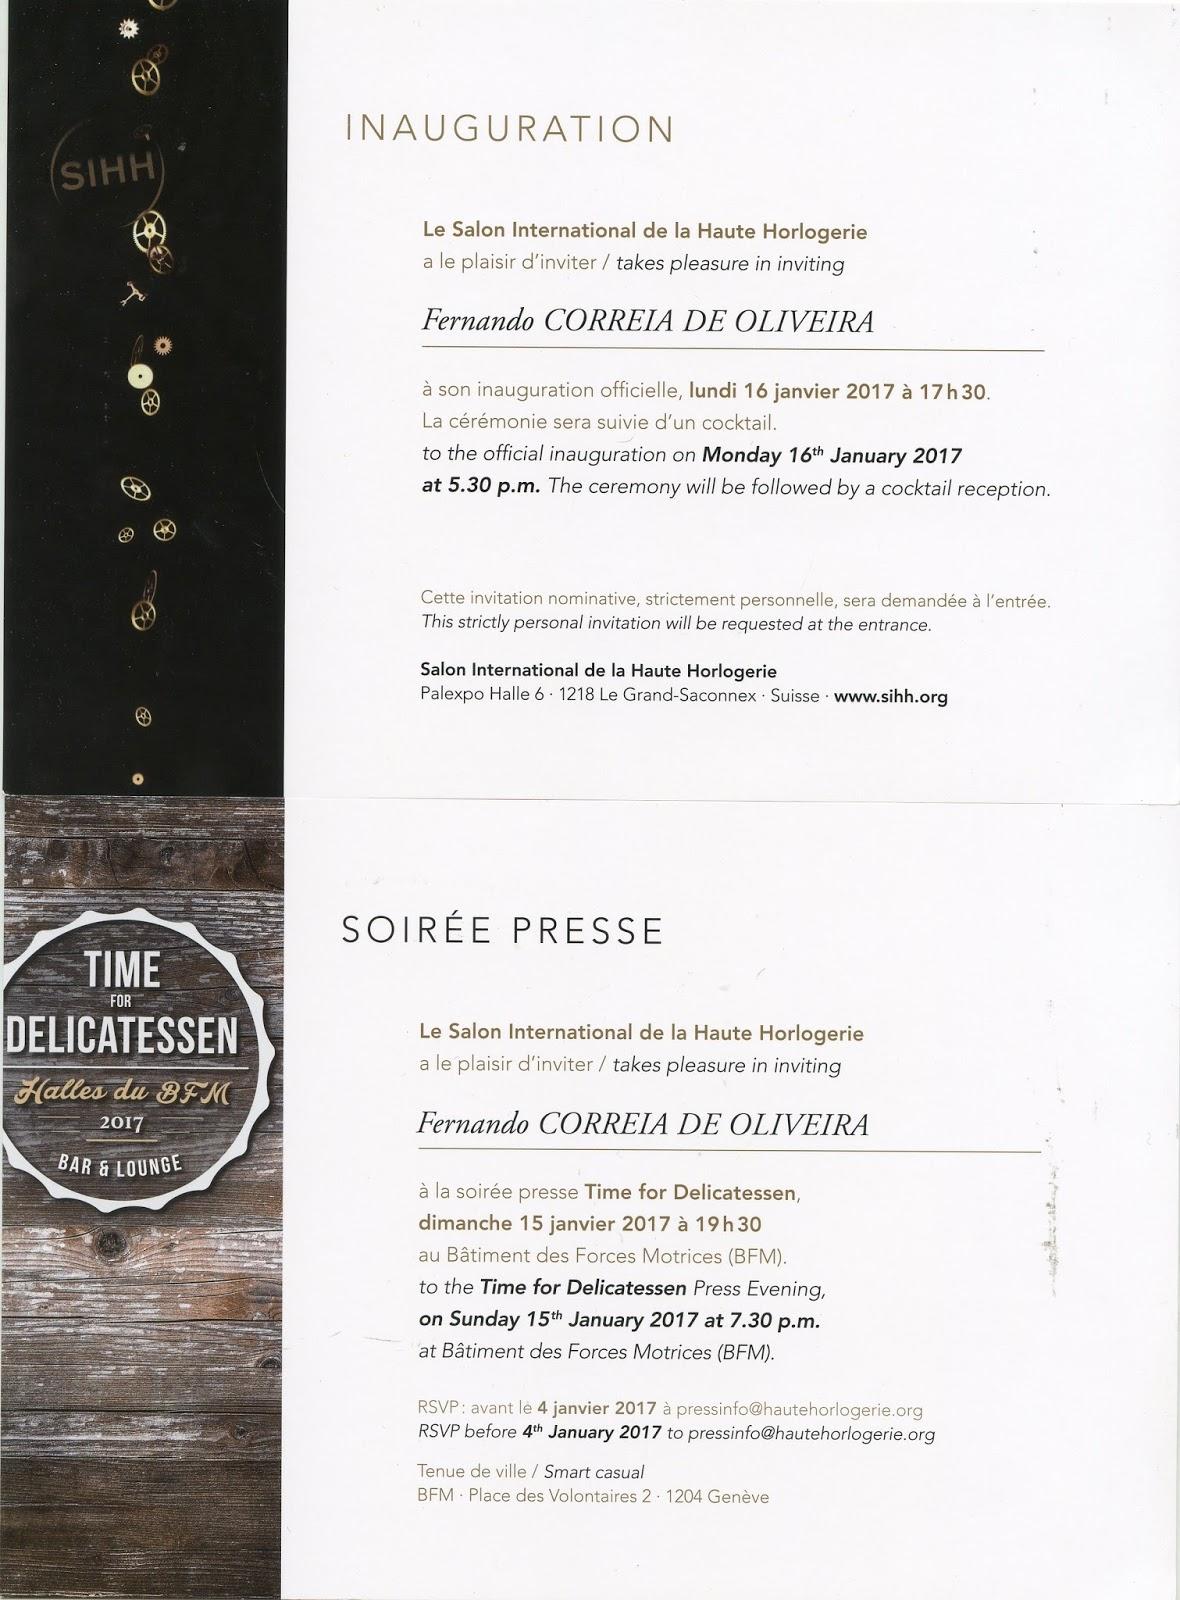 Estao cronogrfica fevereiro 2017 publicada por fernando correia de oliveira s 1638 sem comentrios stopboris Image collections